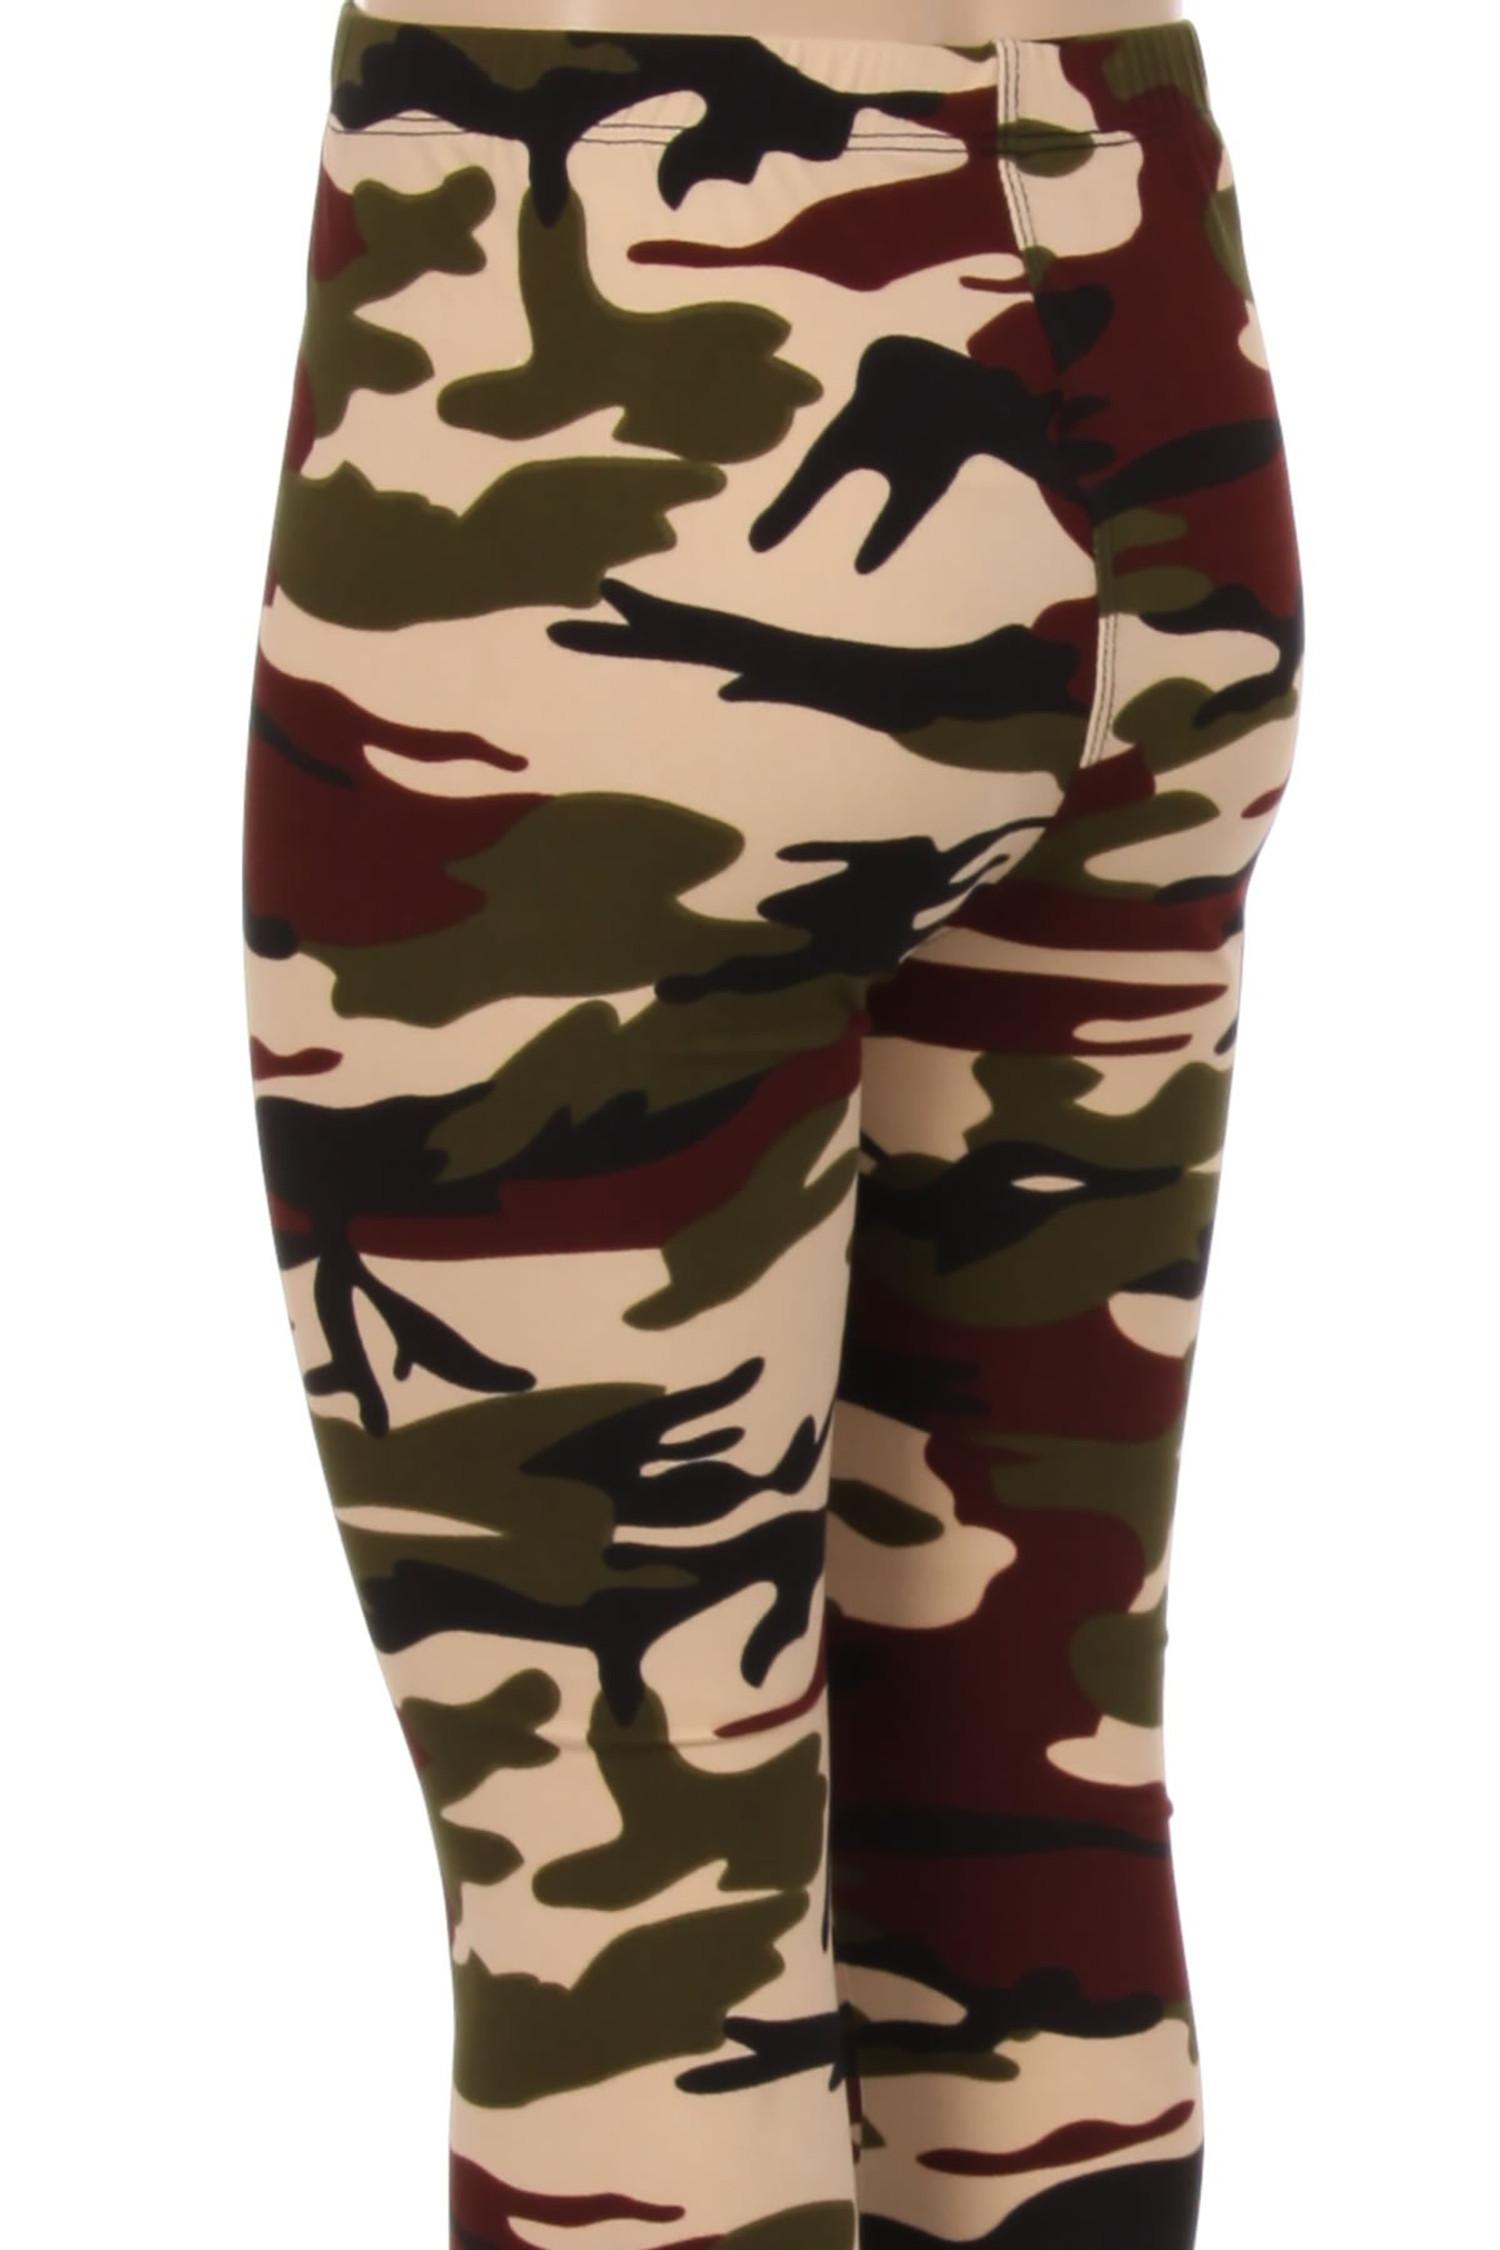 Brushed  Cozy Camouflage Kids Leggings - EEVEE